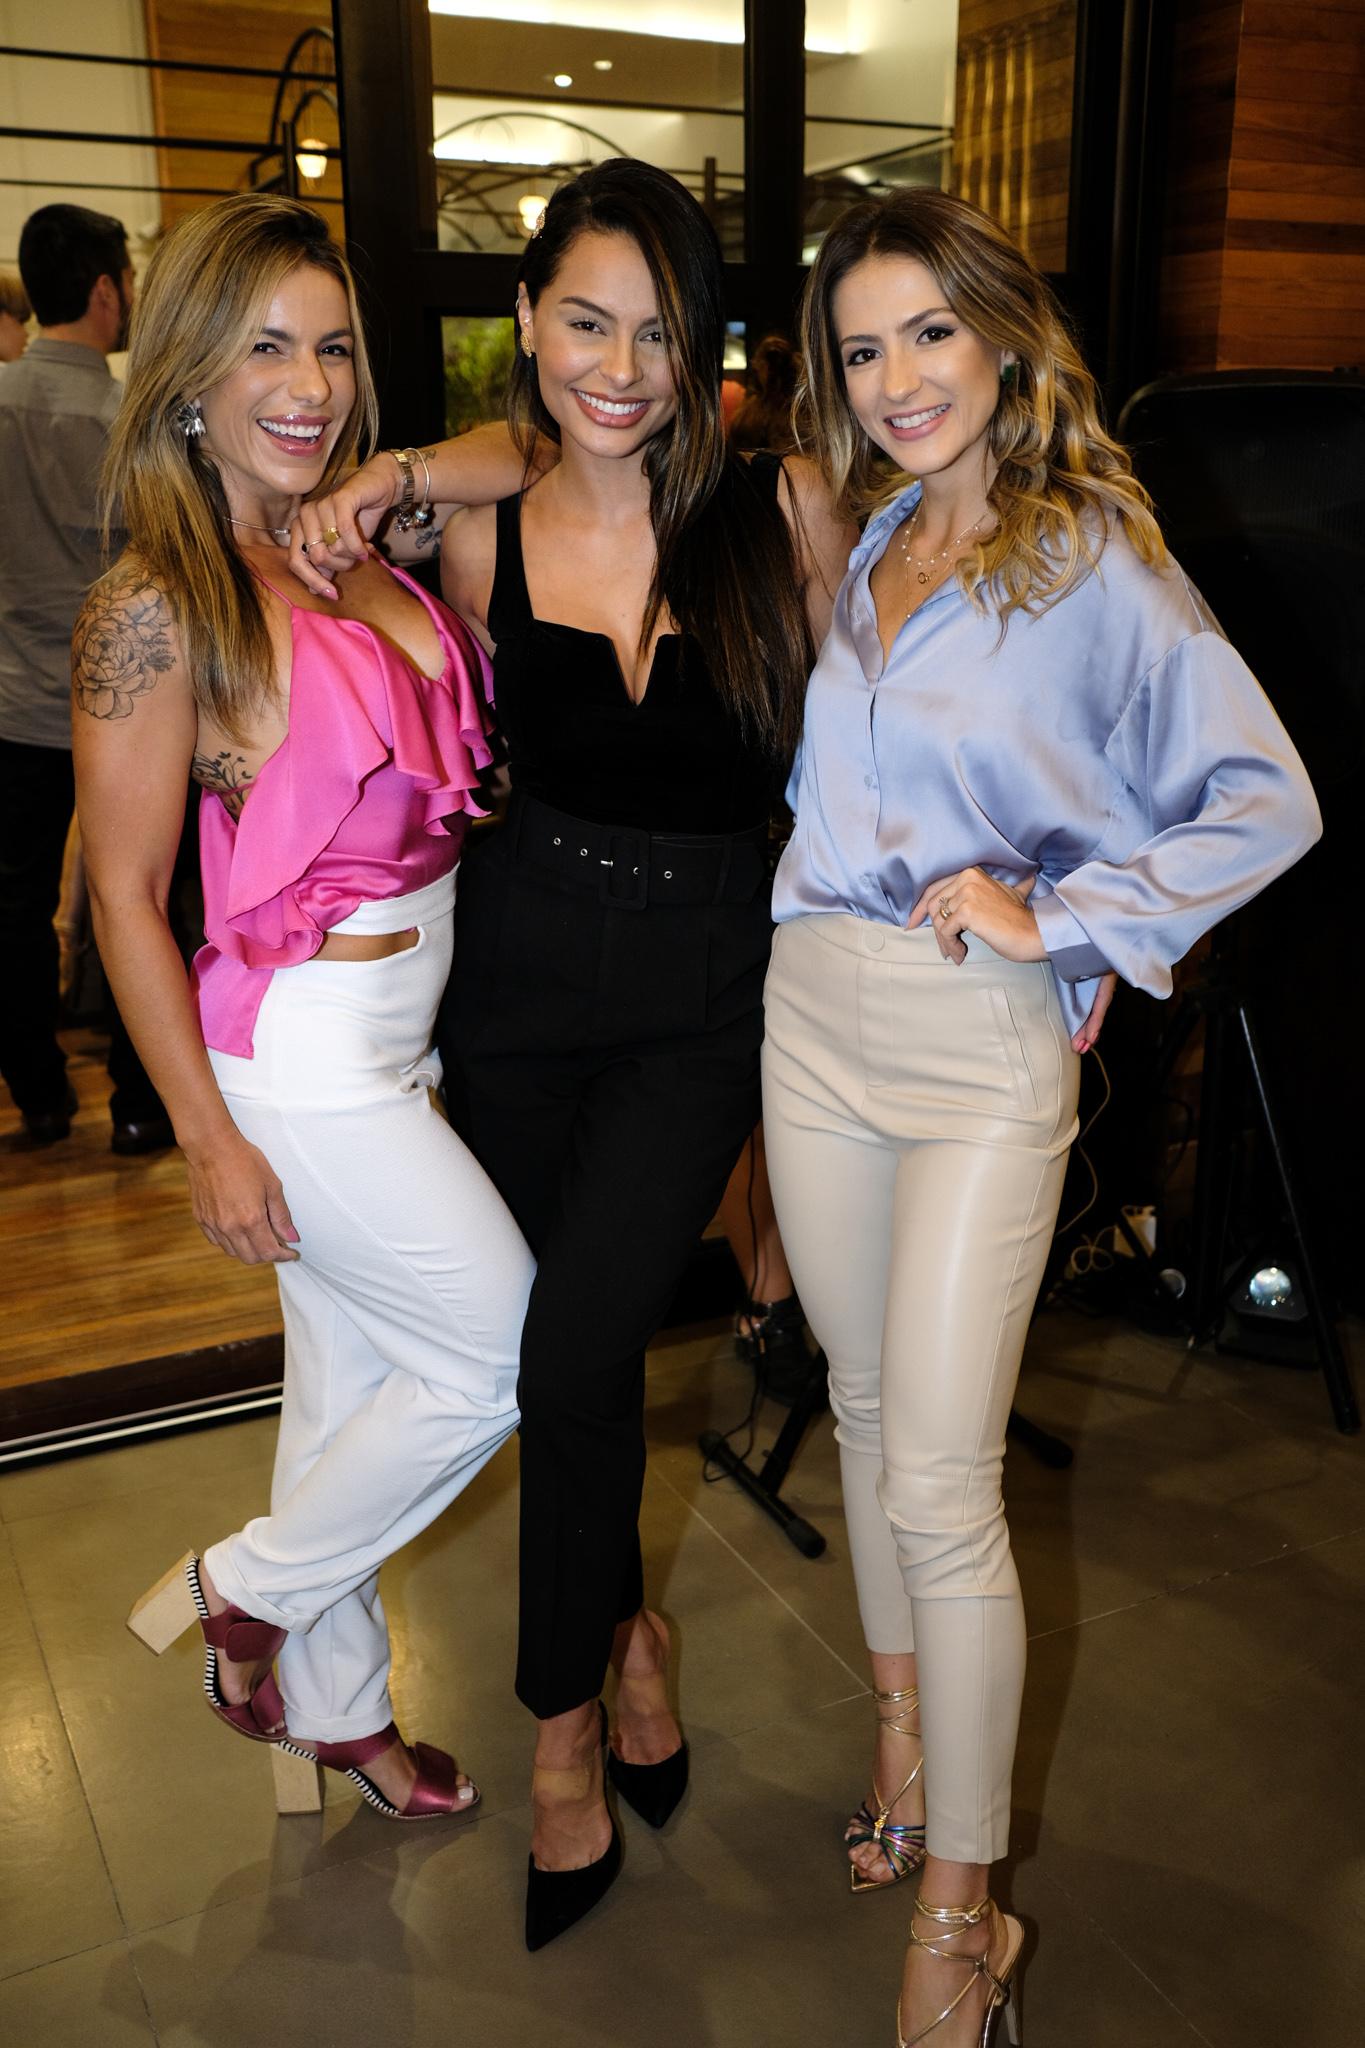 Mariana Morena, Stephany Pin e Itala Monti na inauguração da Figata no Shopping Vitória. Foto: Camilla Baptistin